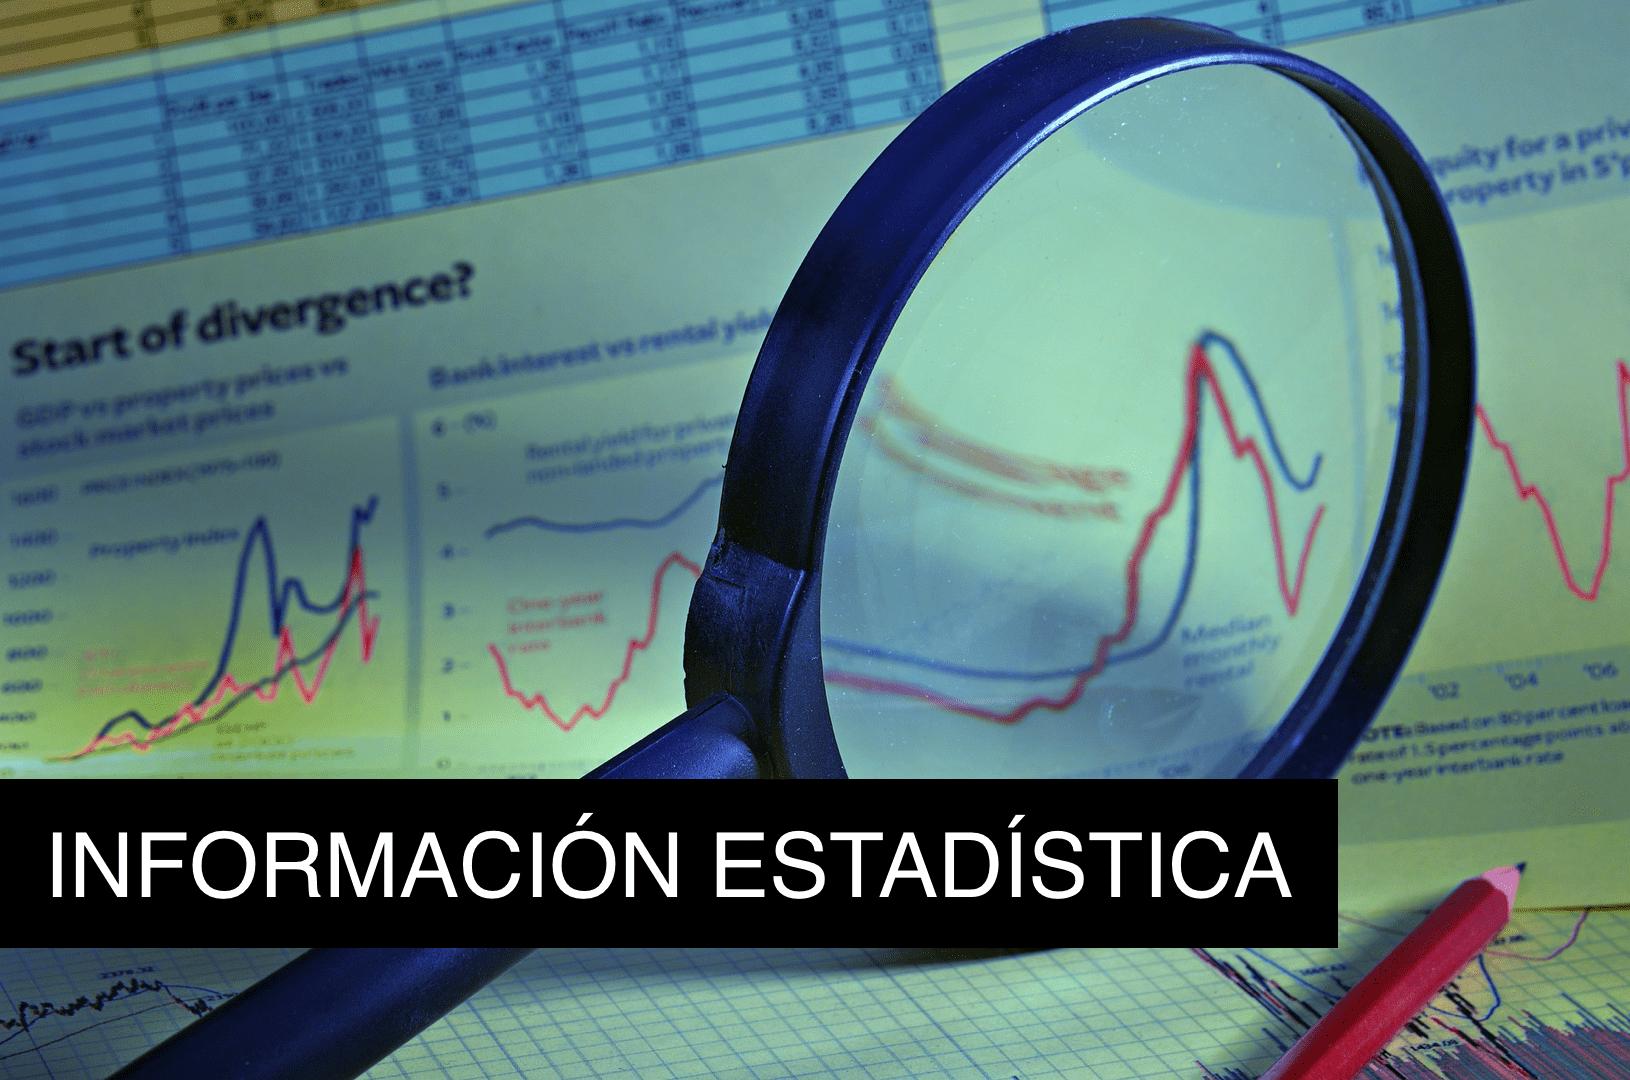 Información estadística